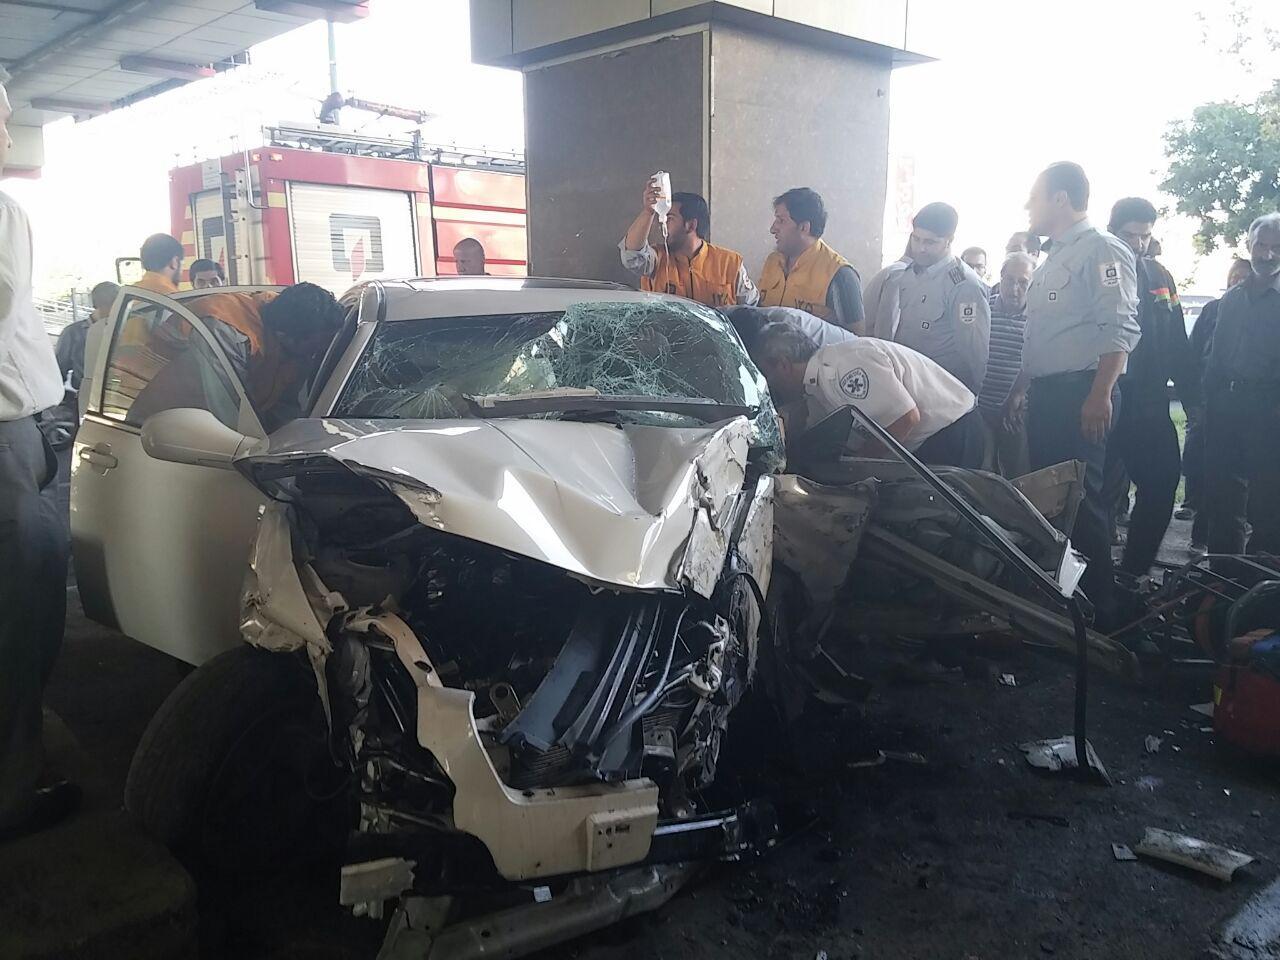 برخورد سواری با ستون پل / تلاش ۷۰ دقیقه ای اورژانس و آتشنشانی تبریز، برای نجات مصدوم